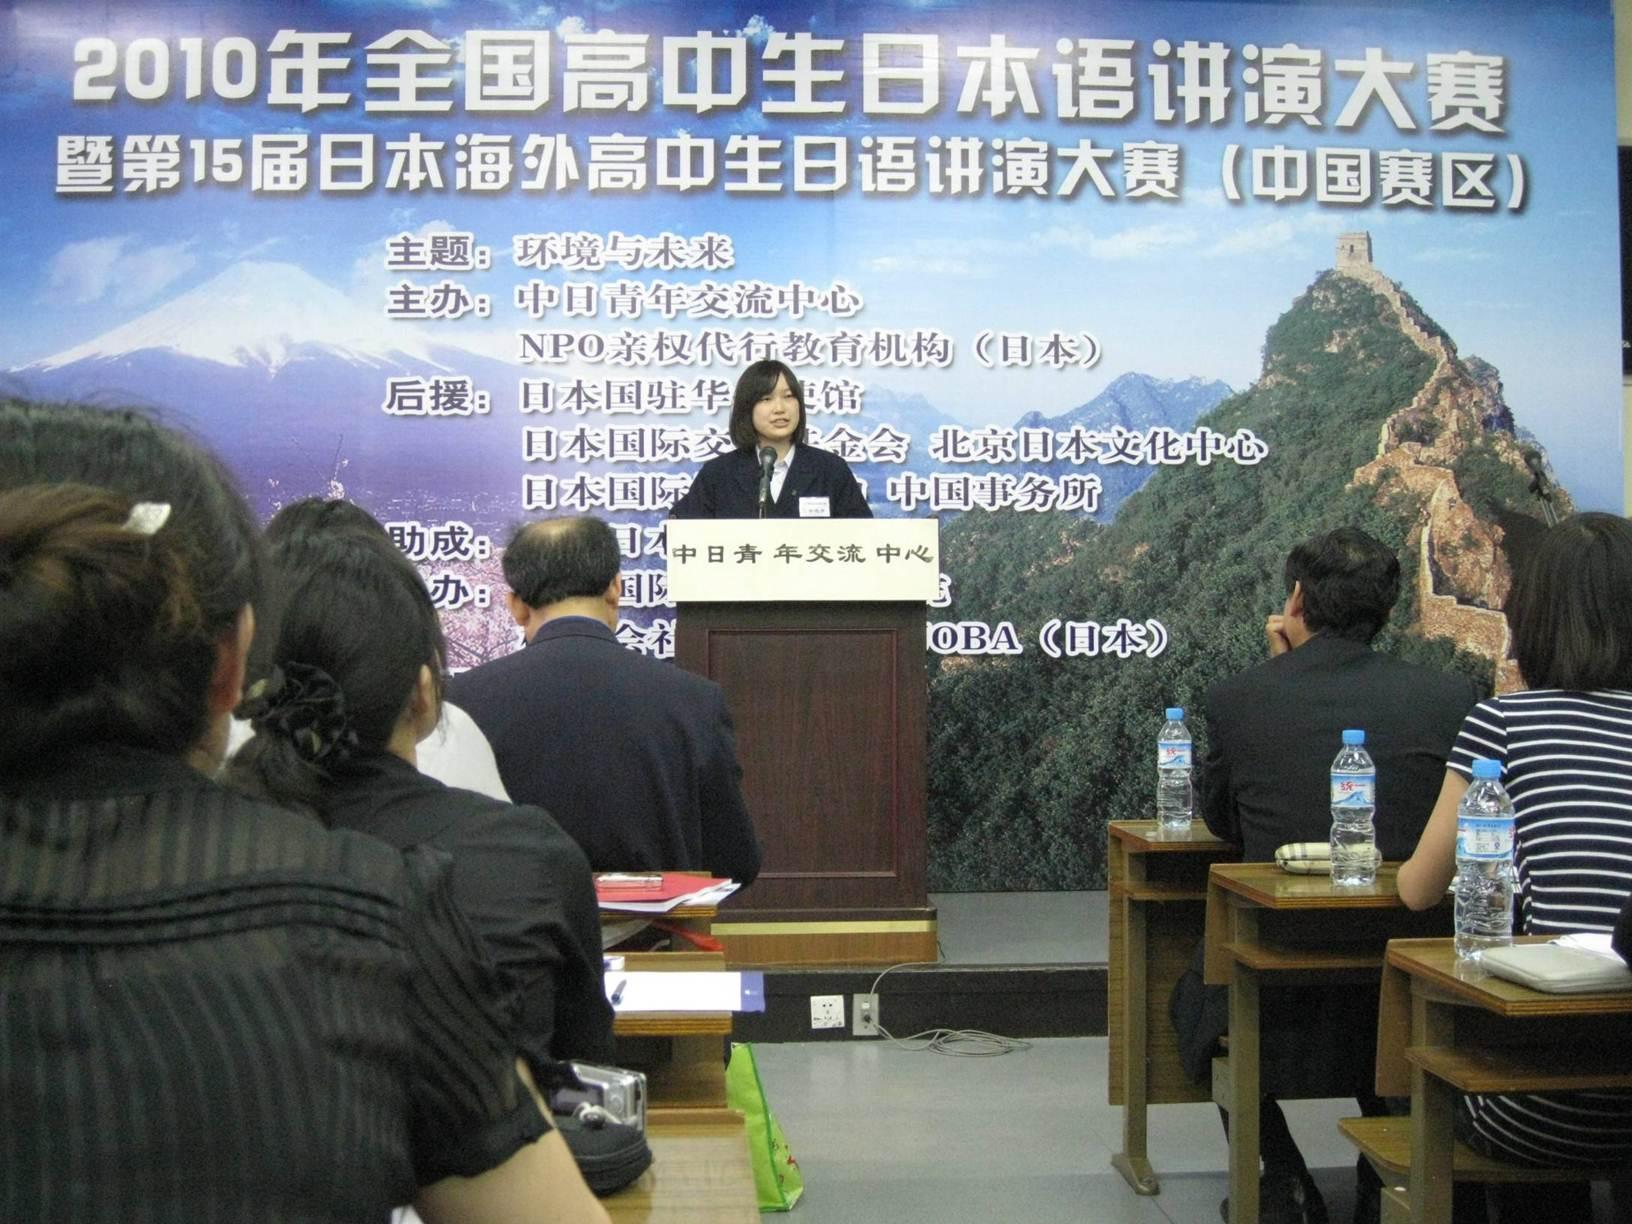 王戴蒙同学参加2010年全国高中生日语演讲大赛.jpg